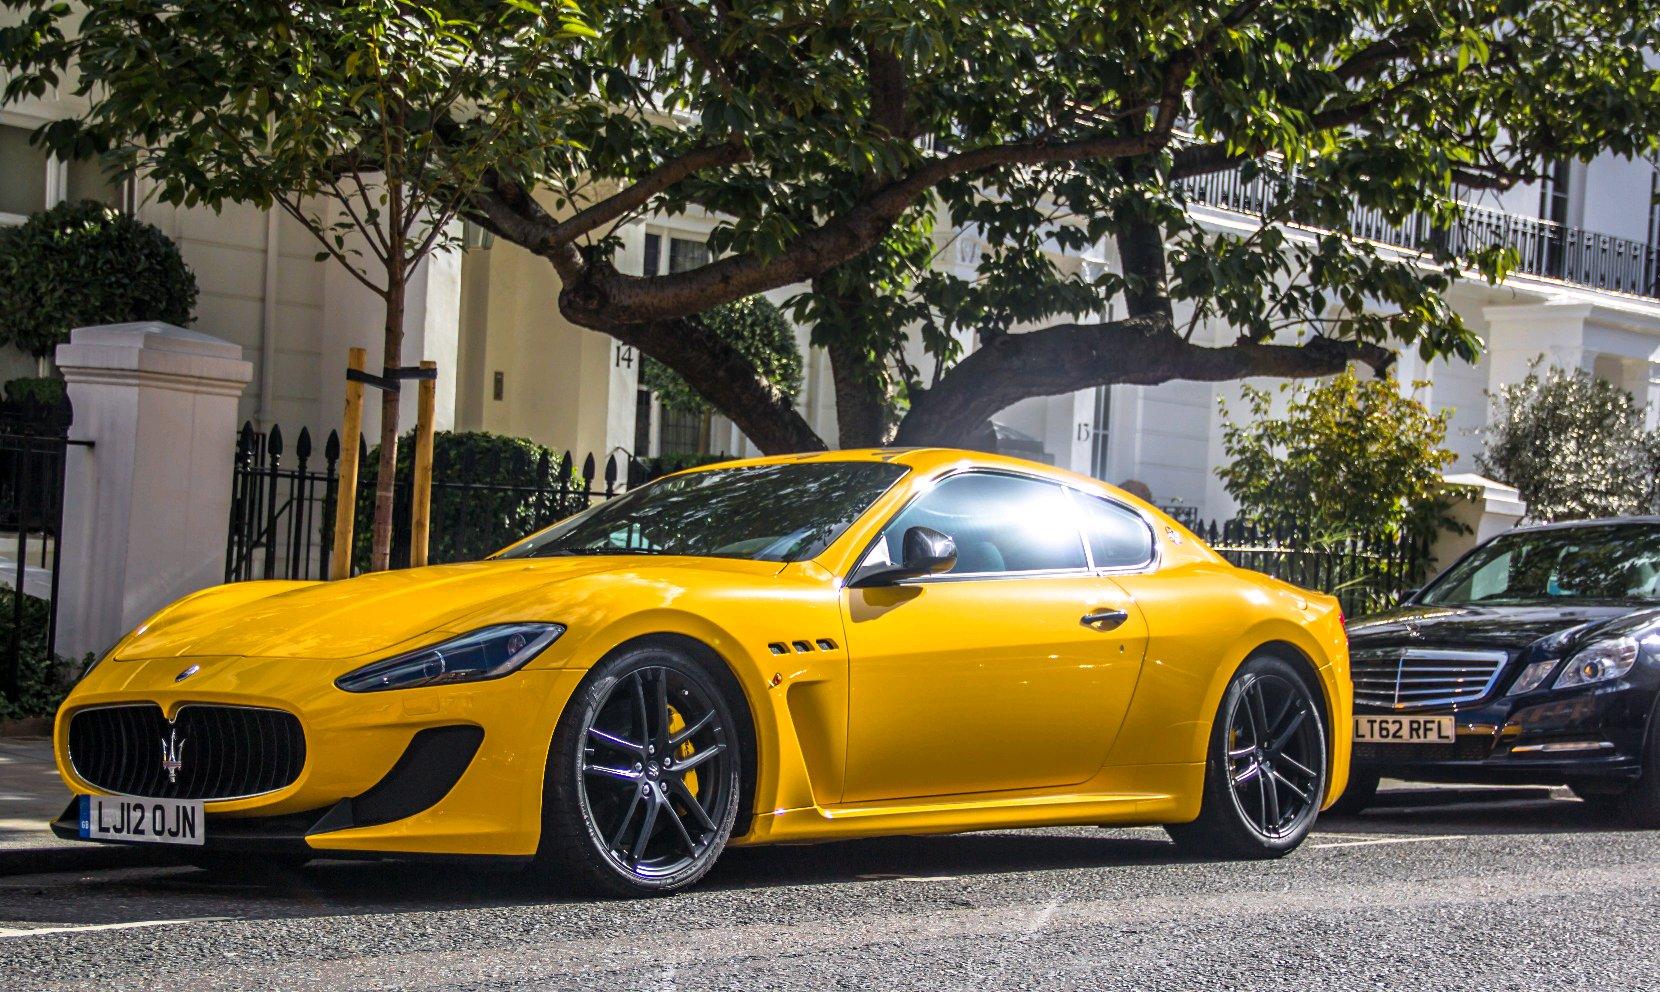 Maserati Granturismo Mc Vs Ferrari California